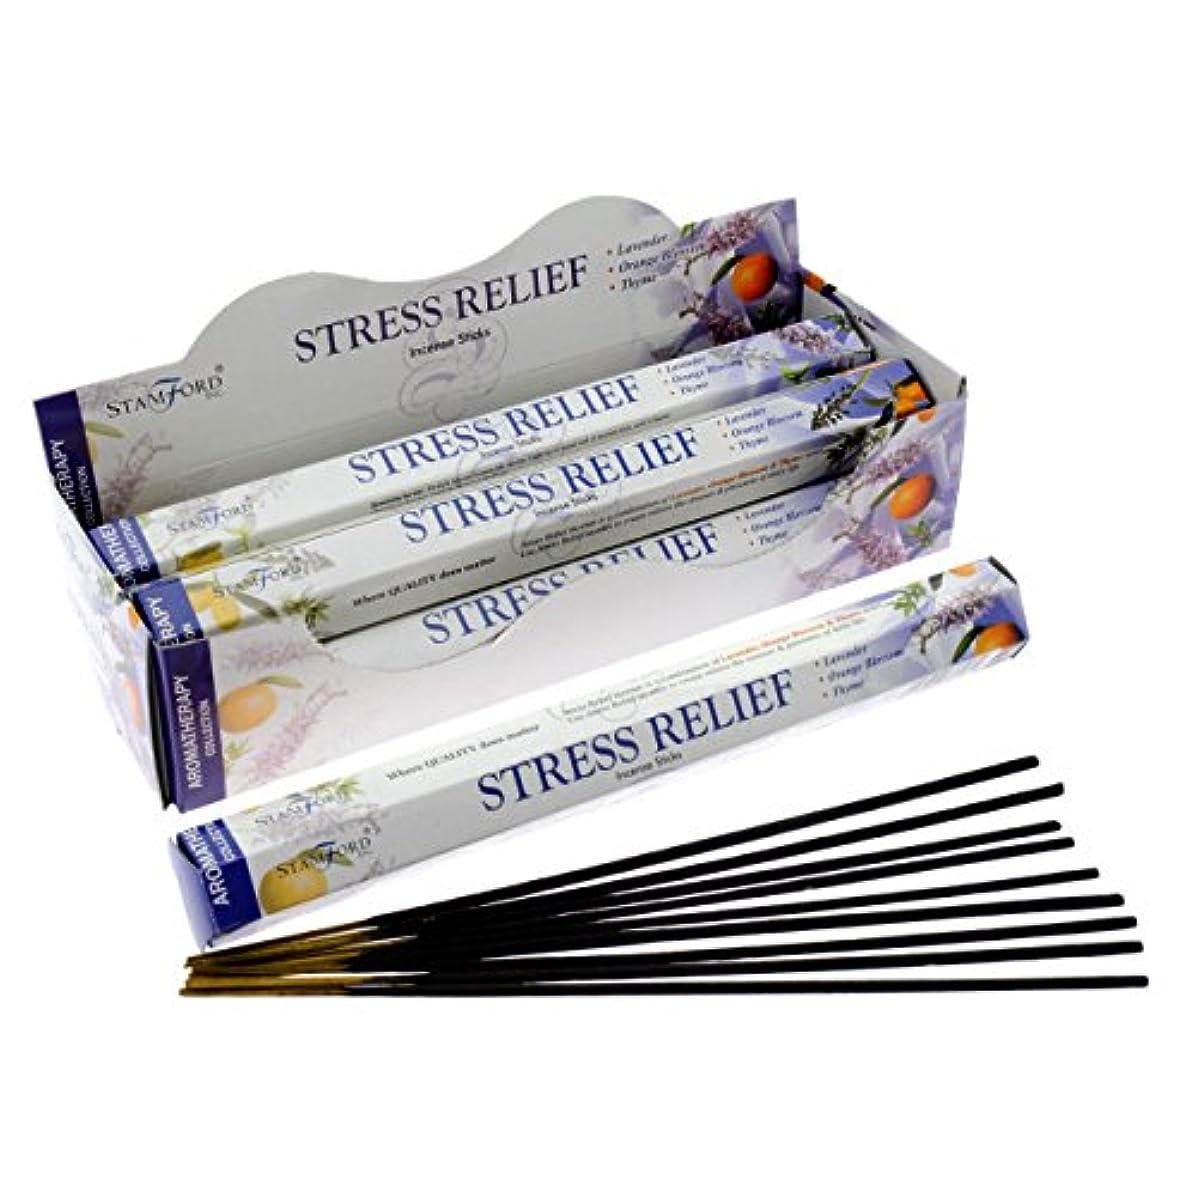 オズワルド容赦ない説教するStamford Incense Sticks ( Stress Relief – 20 Sticks )